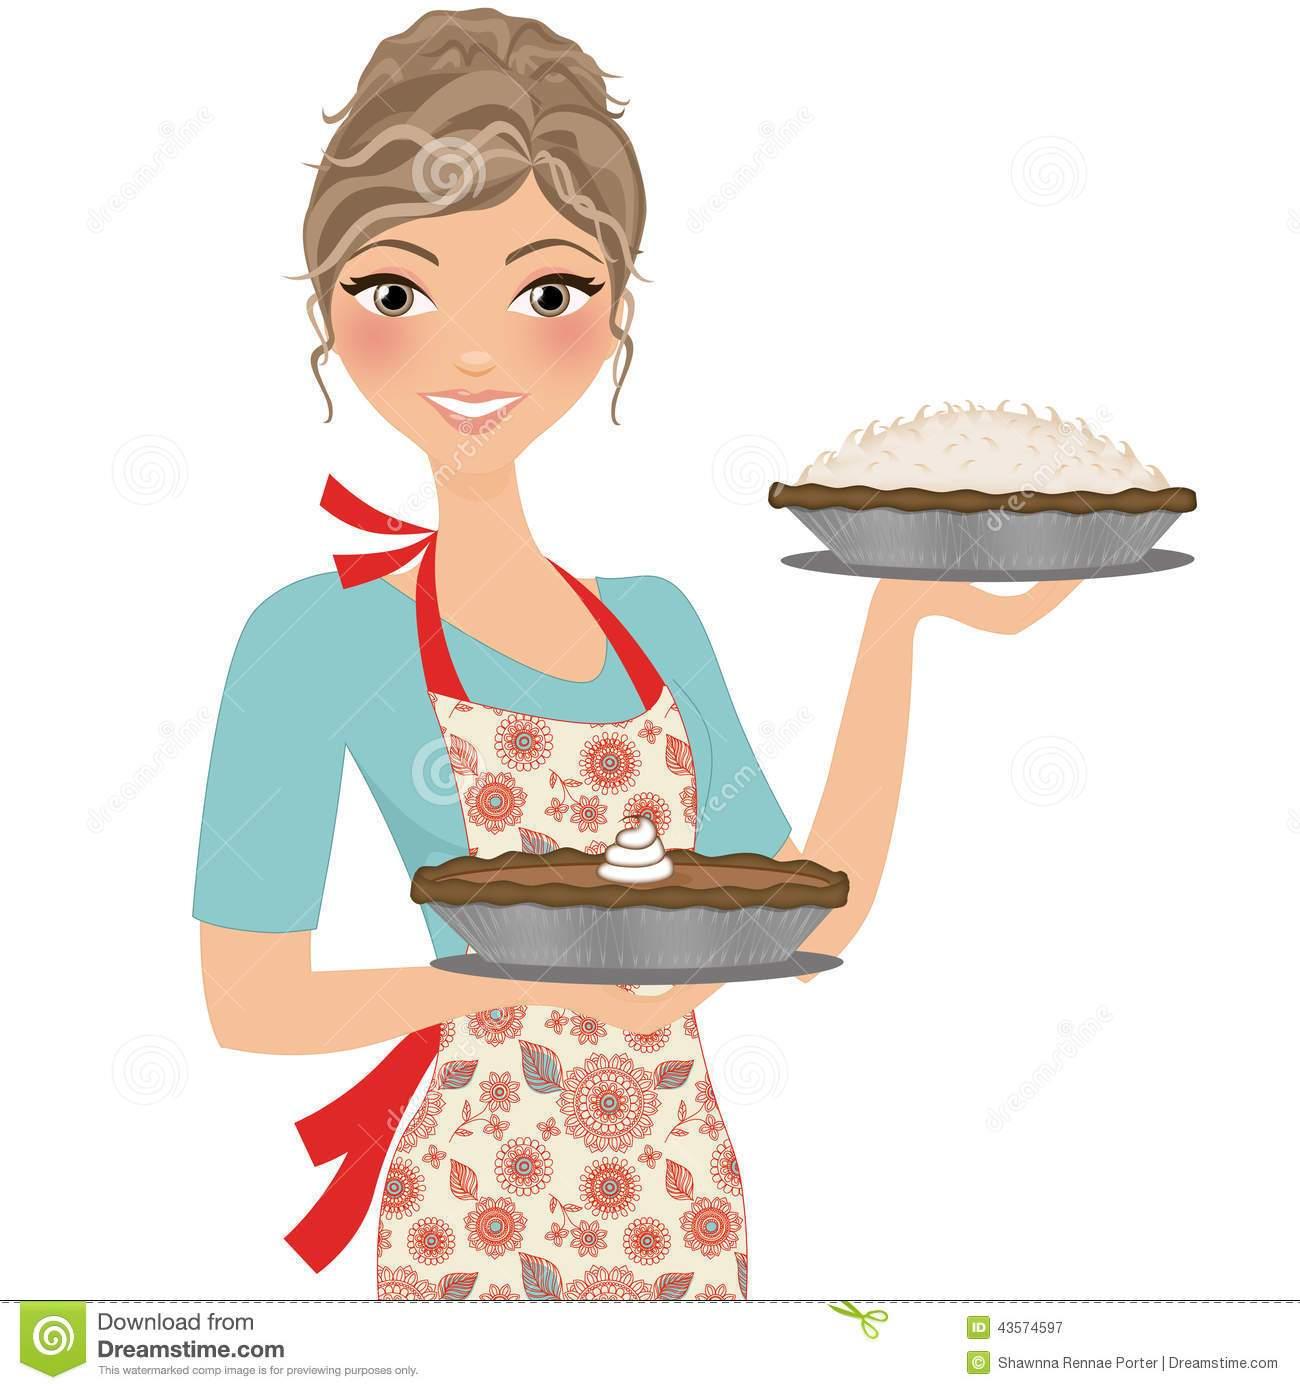 Baker girl clipart » Clipart Portal.